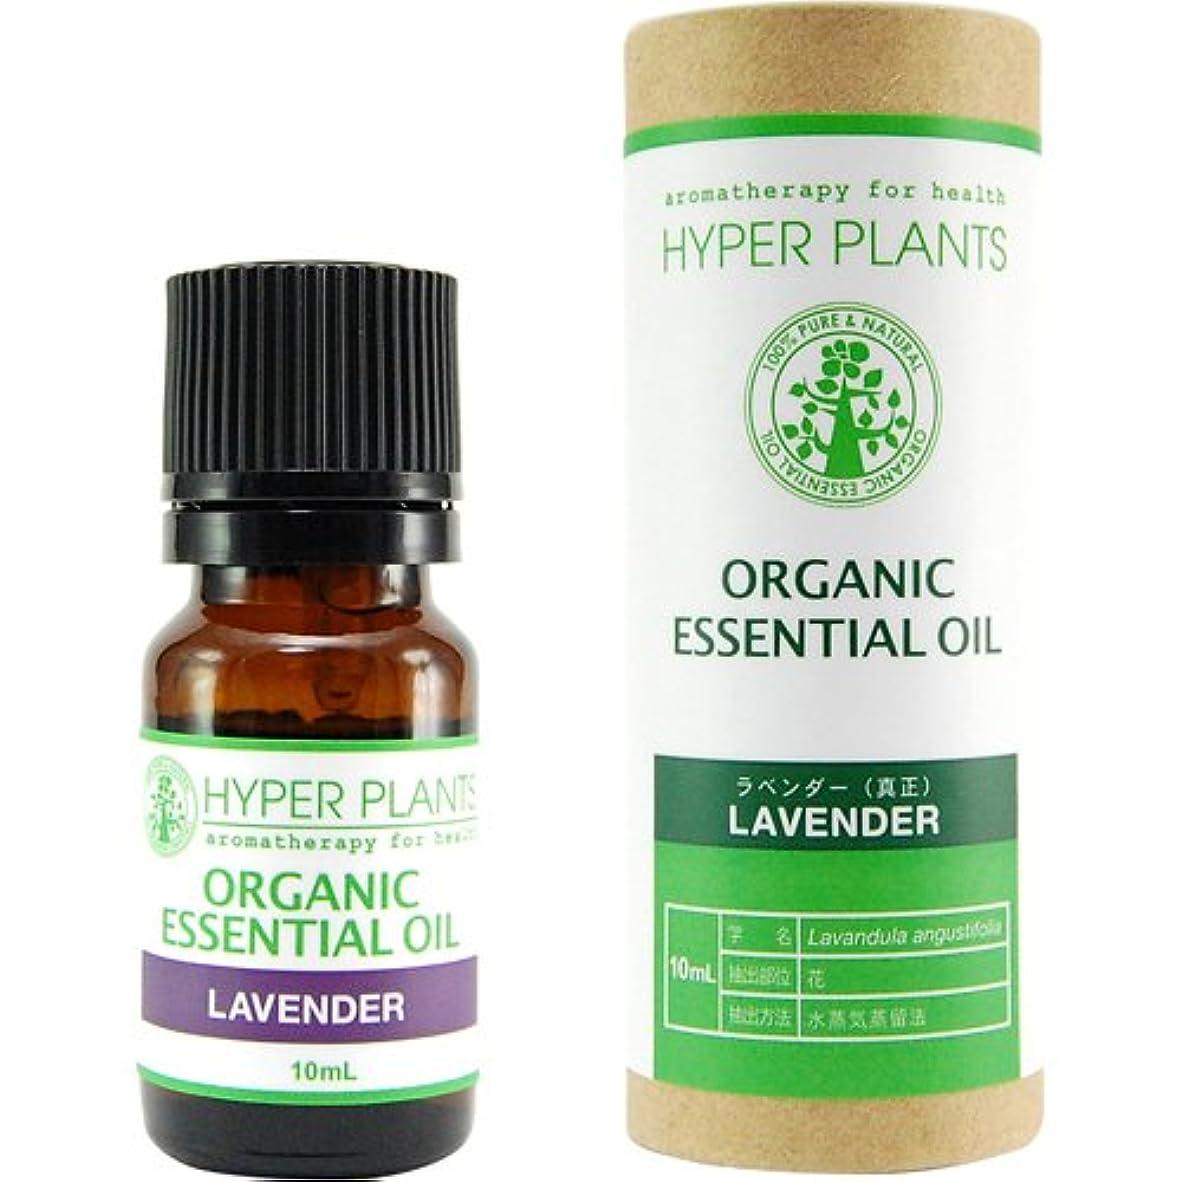 マグ調和ジャグリングHYPER PLANTS ハイパープランツ オーガニックエッセンシャルオイル ラベンダー(真正) 10ml HE0207